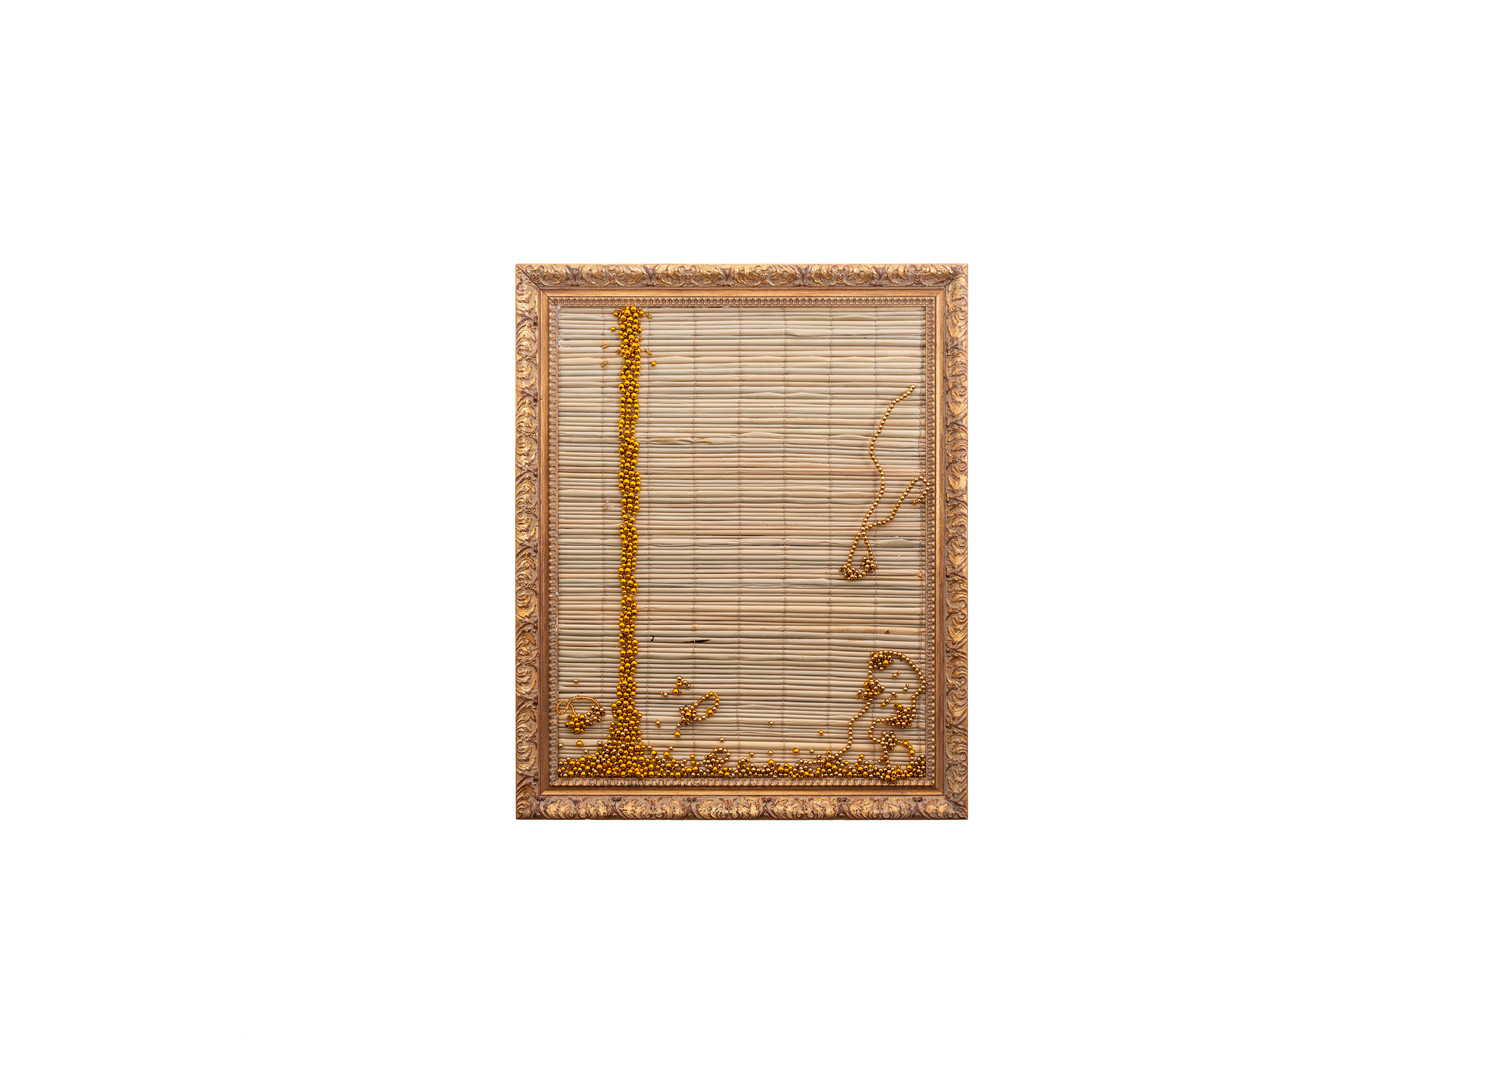 Simphiwe Buthelezi | Wangithelela uju (She poured me honey I) | 2019 | Straw Mat, Beadwork in Gilded Frame | 53 x 55 cm